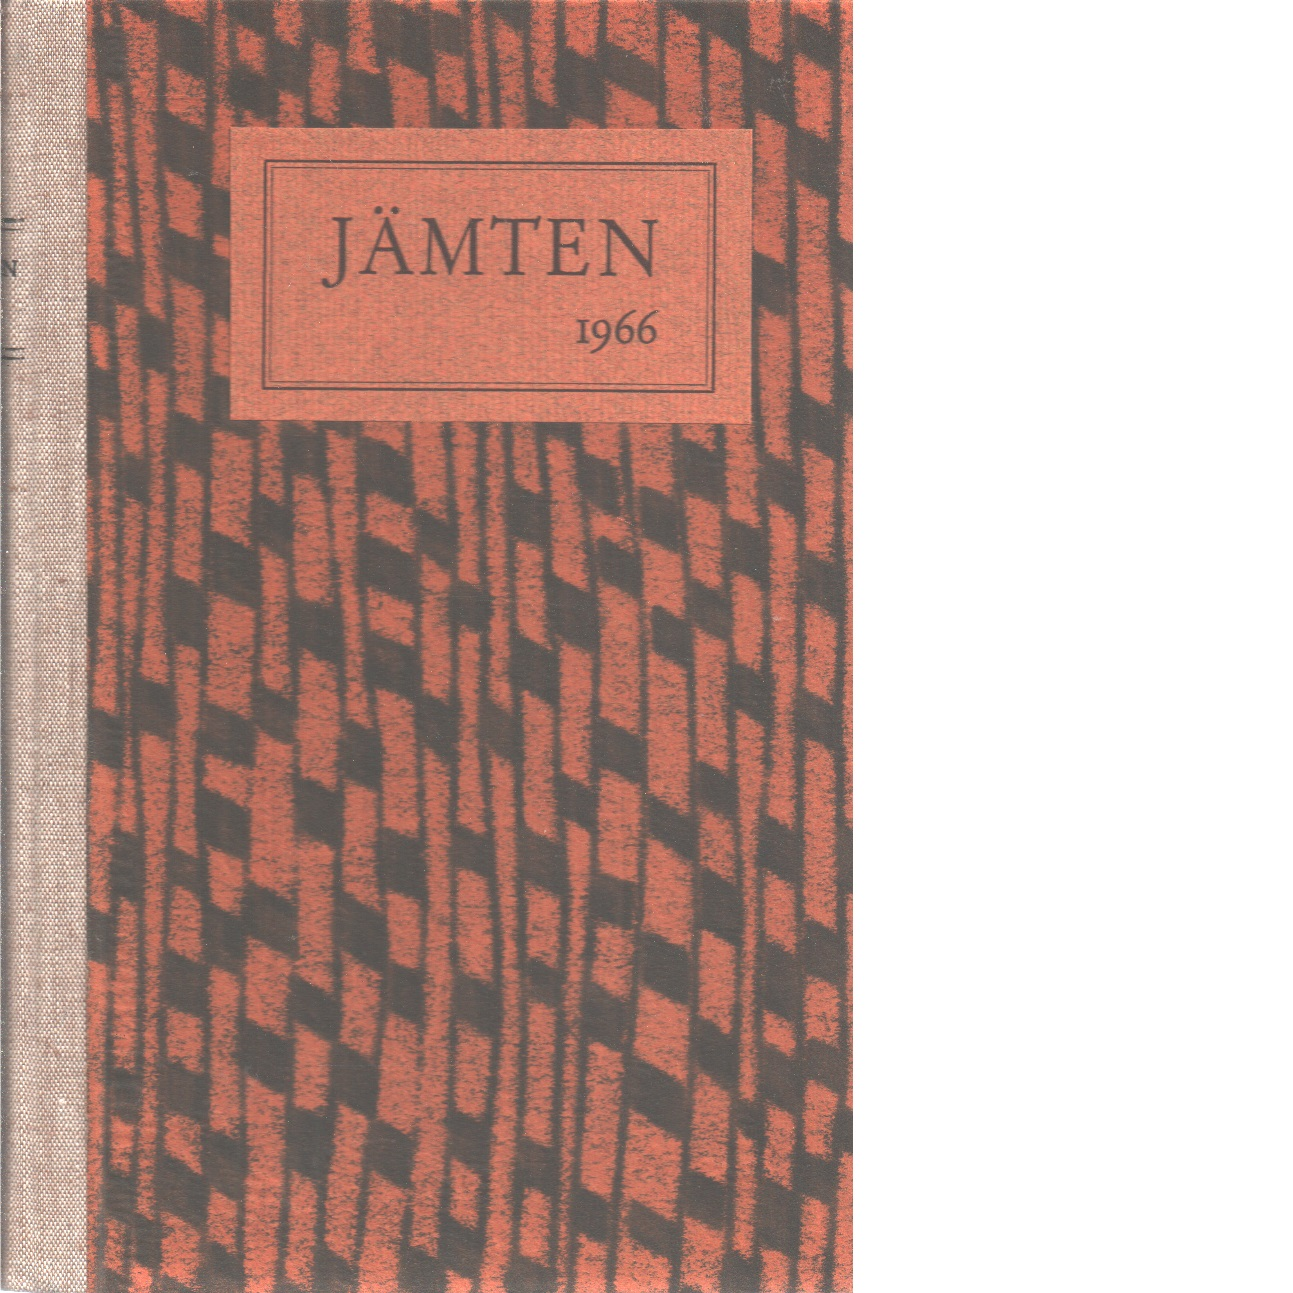 Jämten 1966 - Björkquist, Lennart